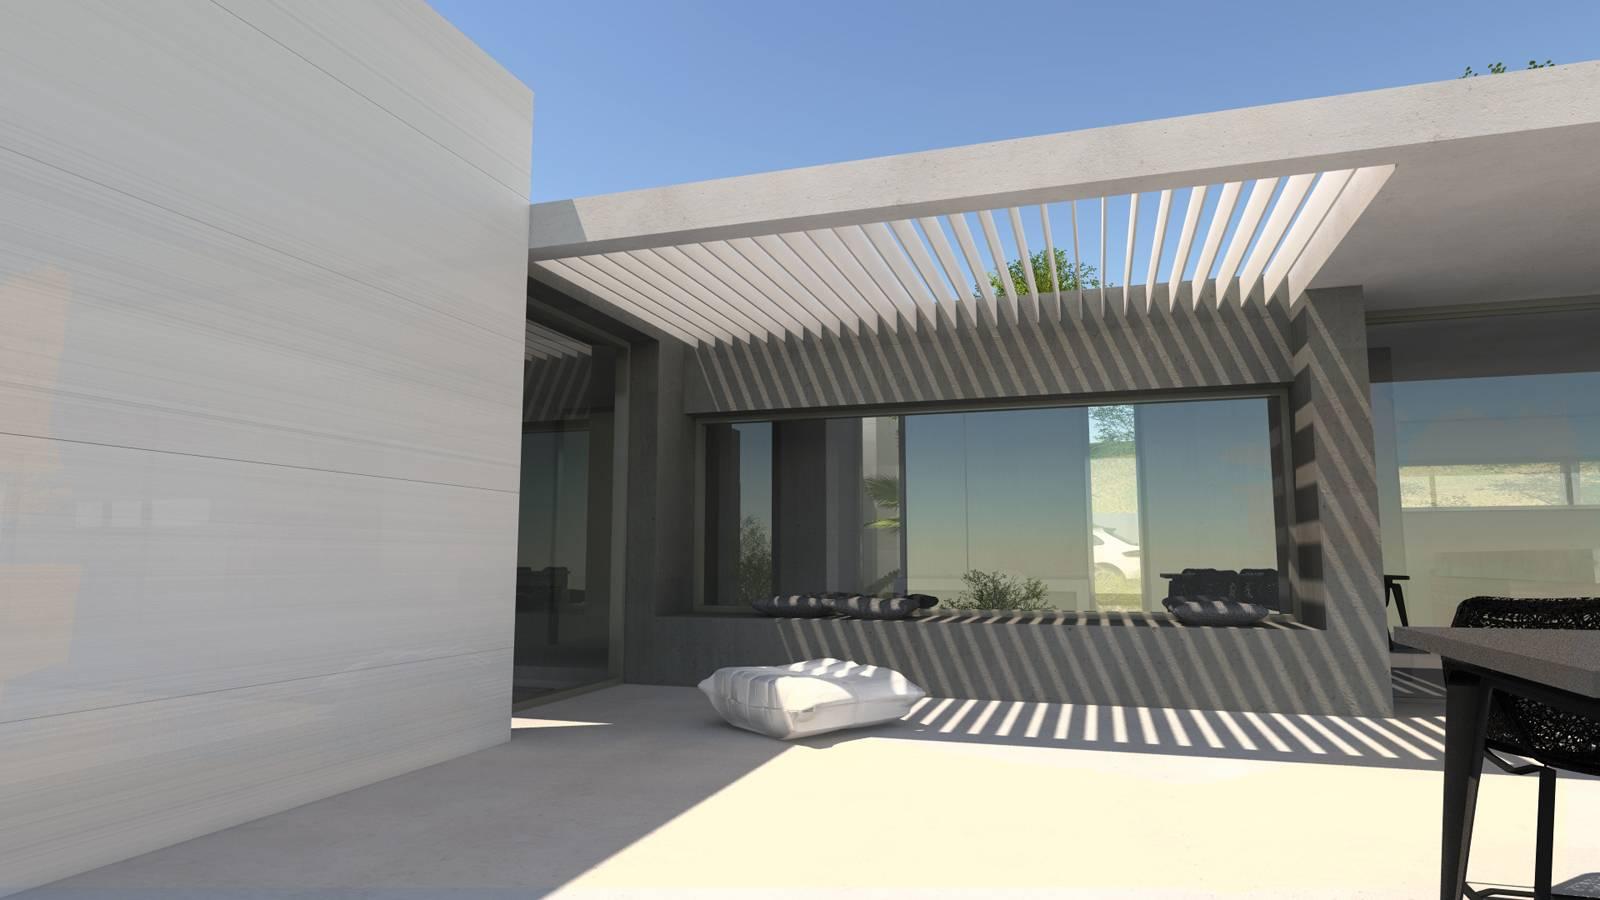 Maison Moderne G Près De Lyon   Architecte   A2 Sb